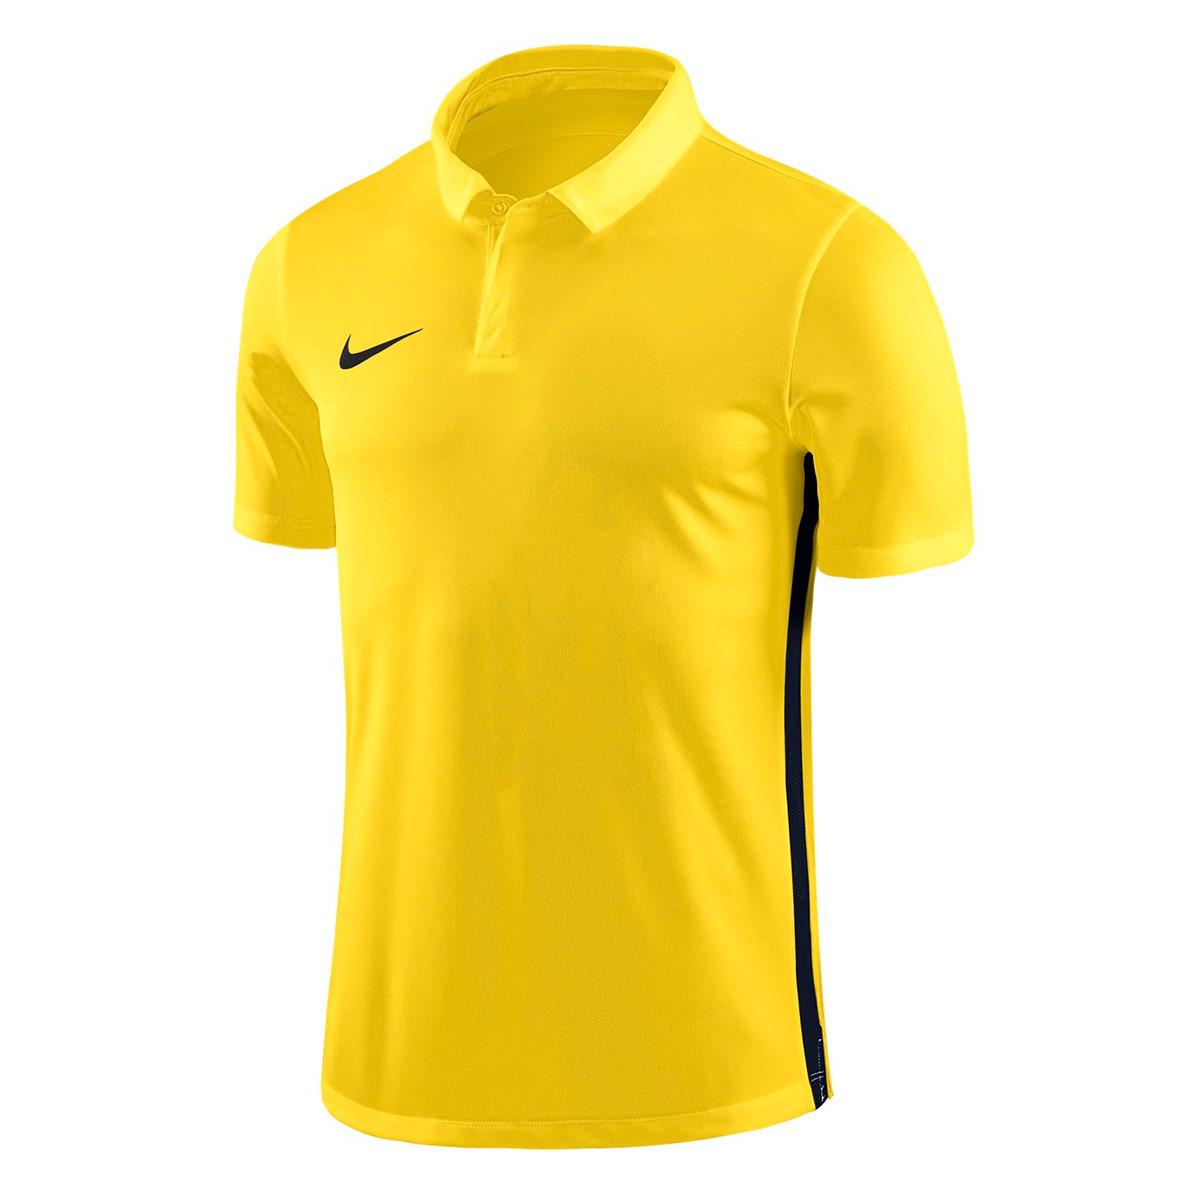 Lago taupo Al borde cobertura  Polo shirt Nike Academy 18 m/c Tour yellow-Anthracite-Black - Football  store Fútbol Emotion